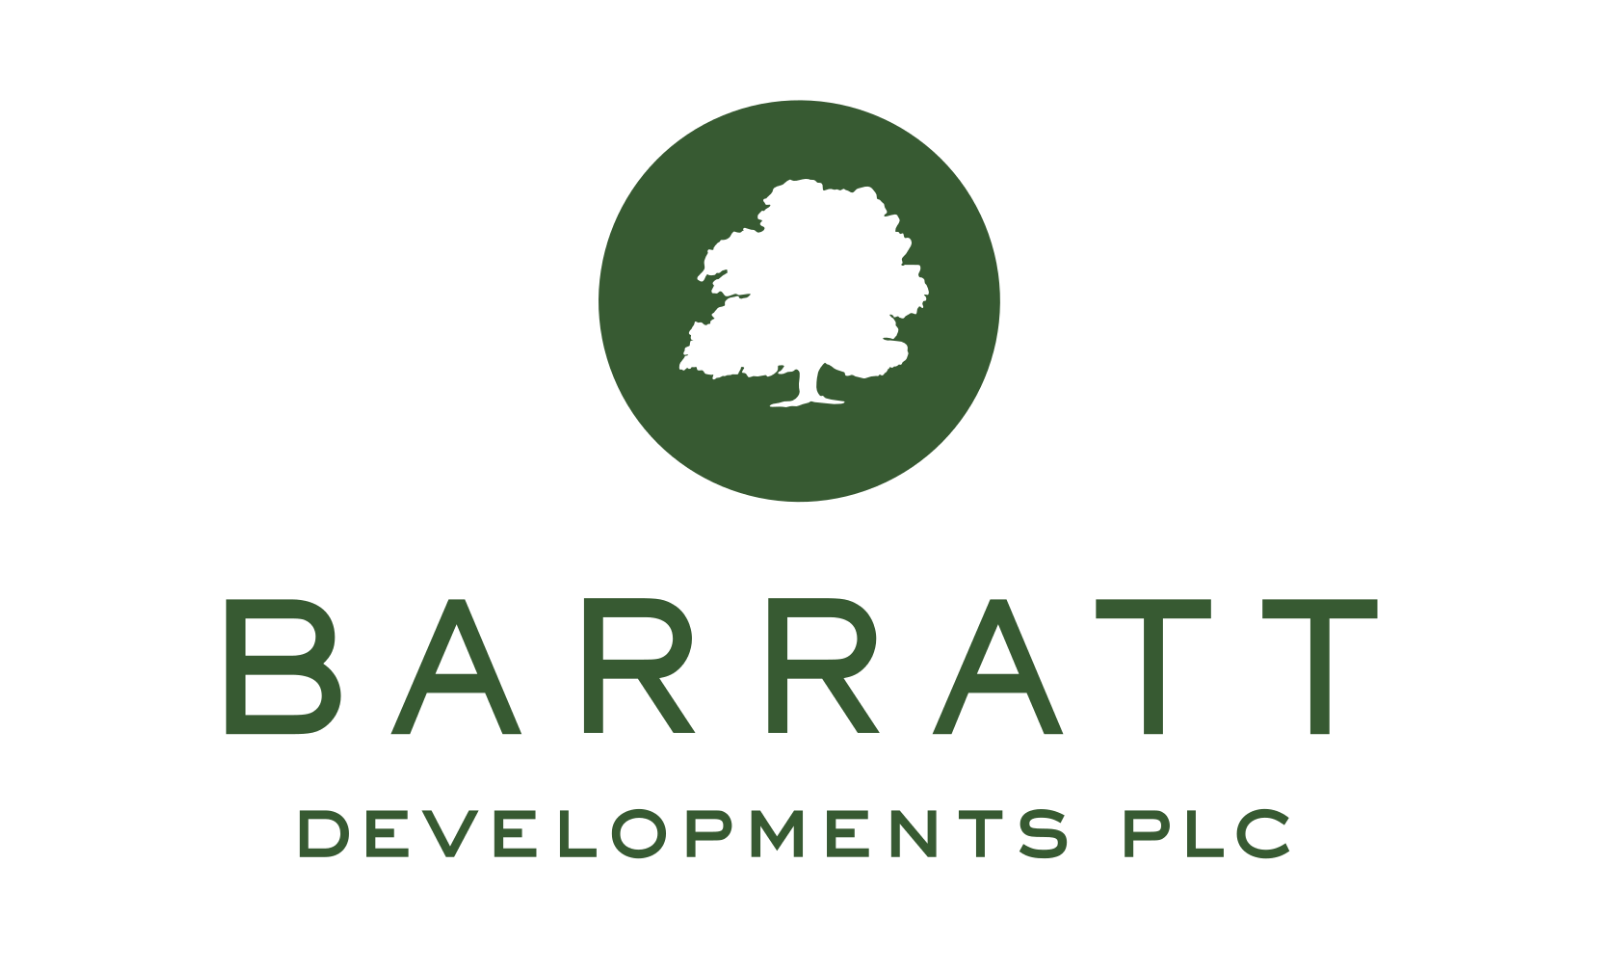 Barratt Develpments